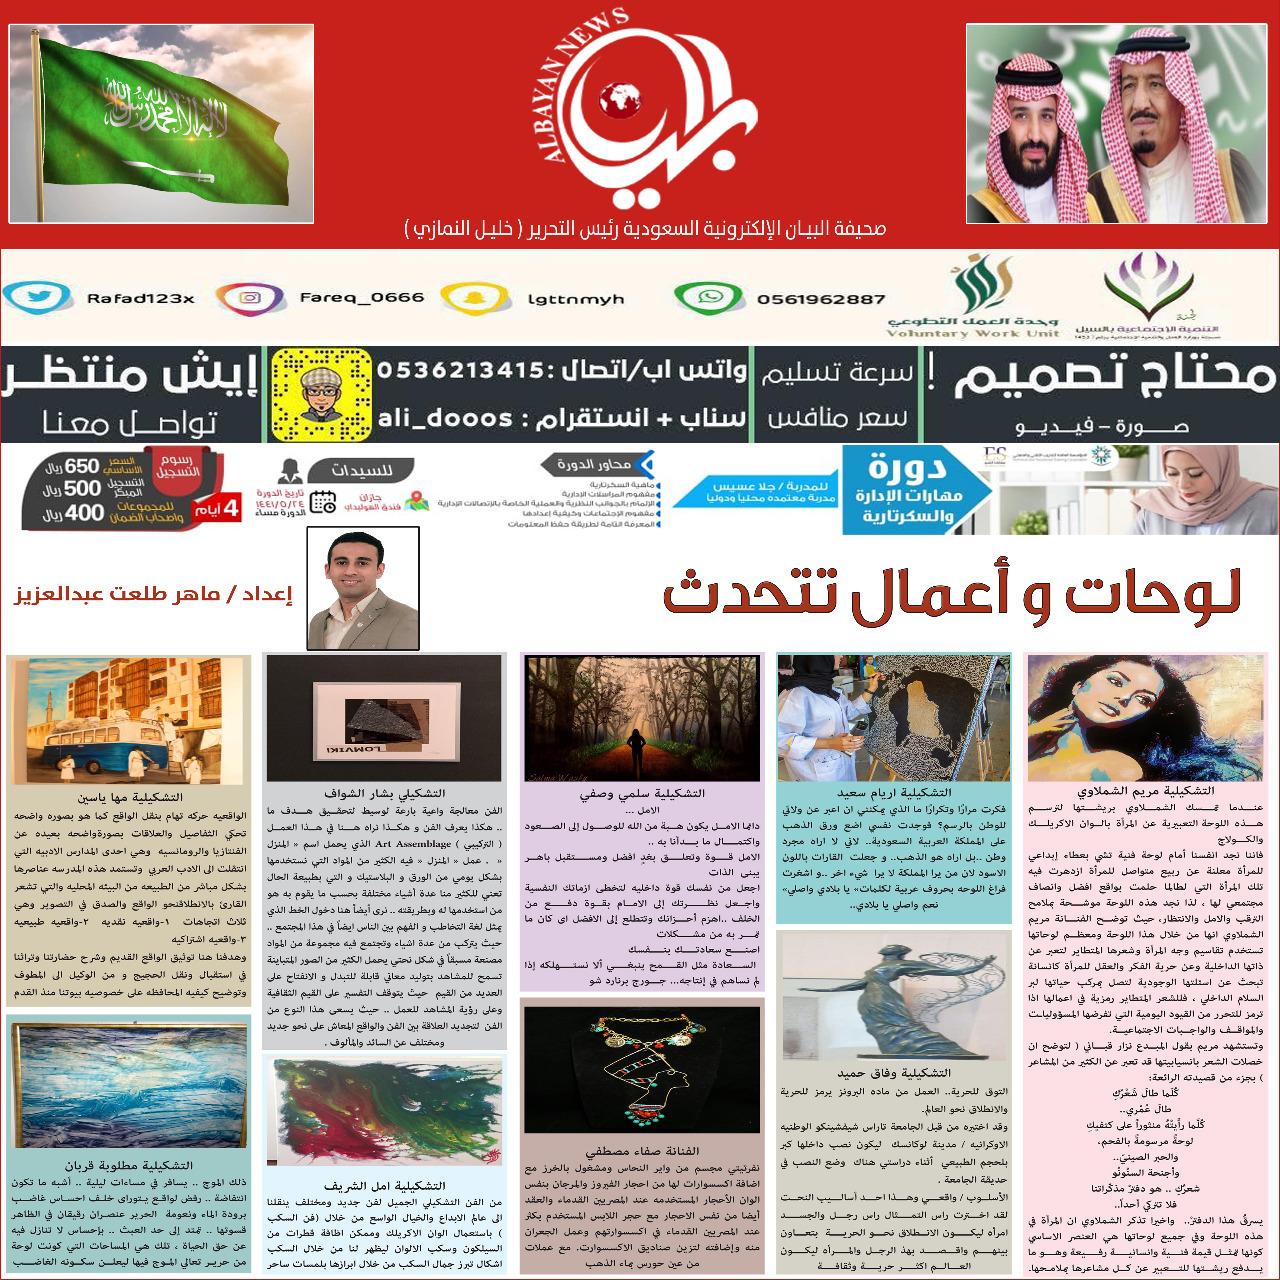 """"""" لوحات و اعمال تتحدث """" اعداد ماهر طلعت عبدالعزيز"""